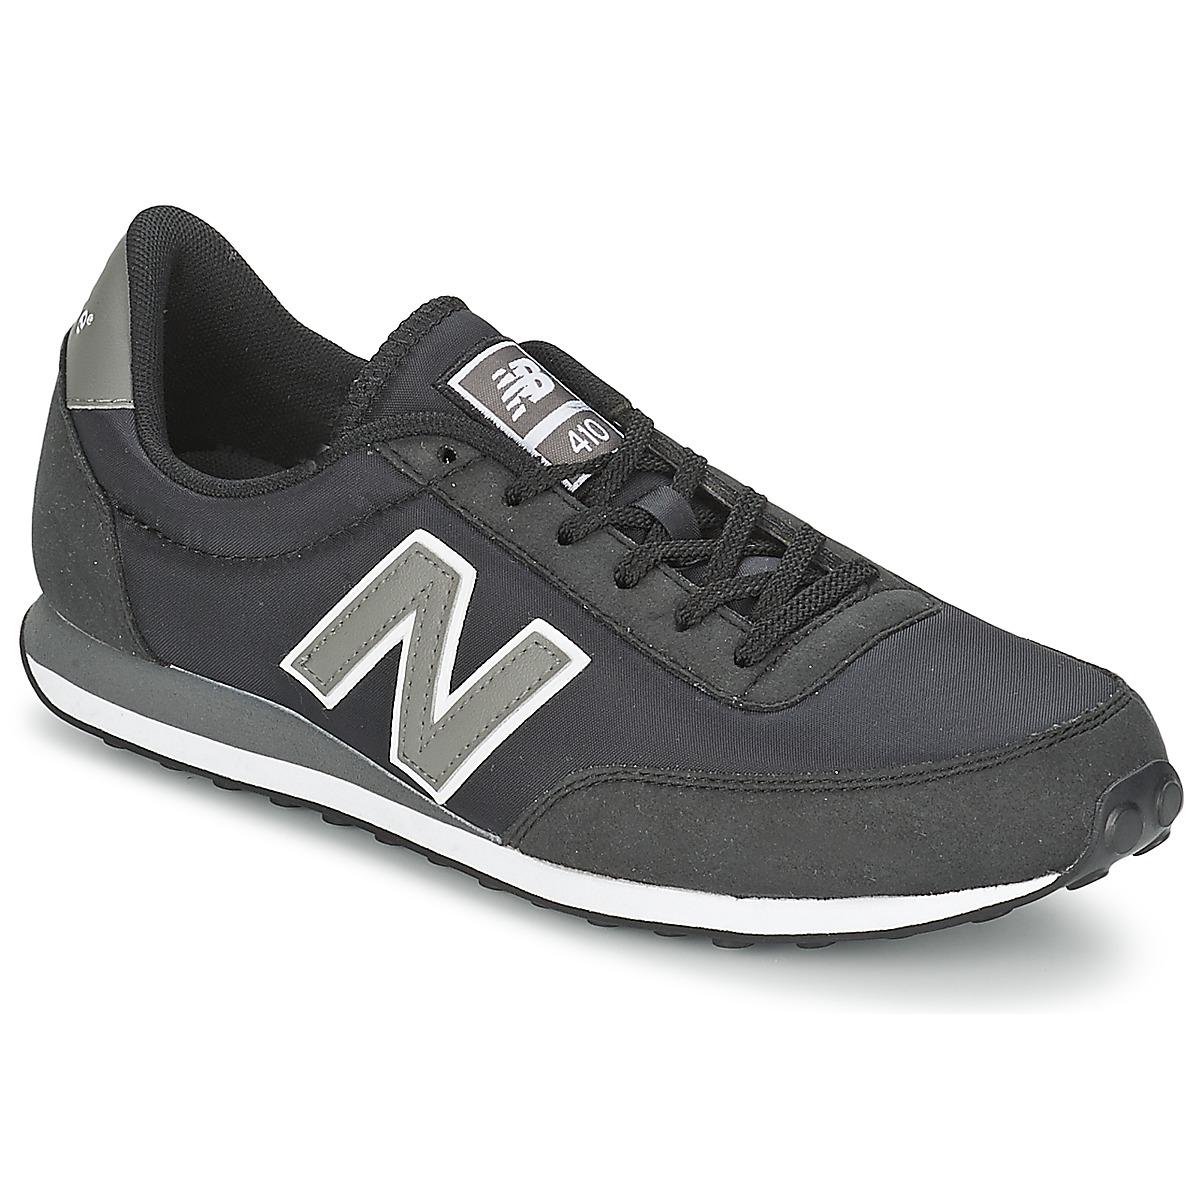 New Balance U410 Schwarz - Kostenloser Versand bei Spartoode ! - Schuhe Sneaker Low  55,99 €